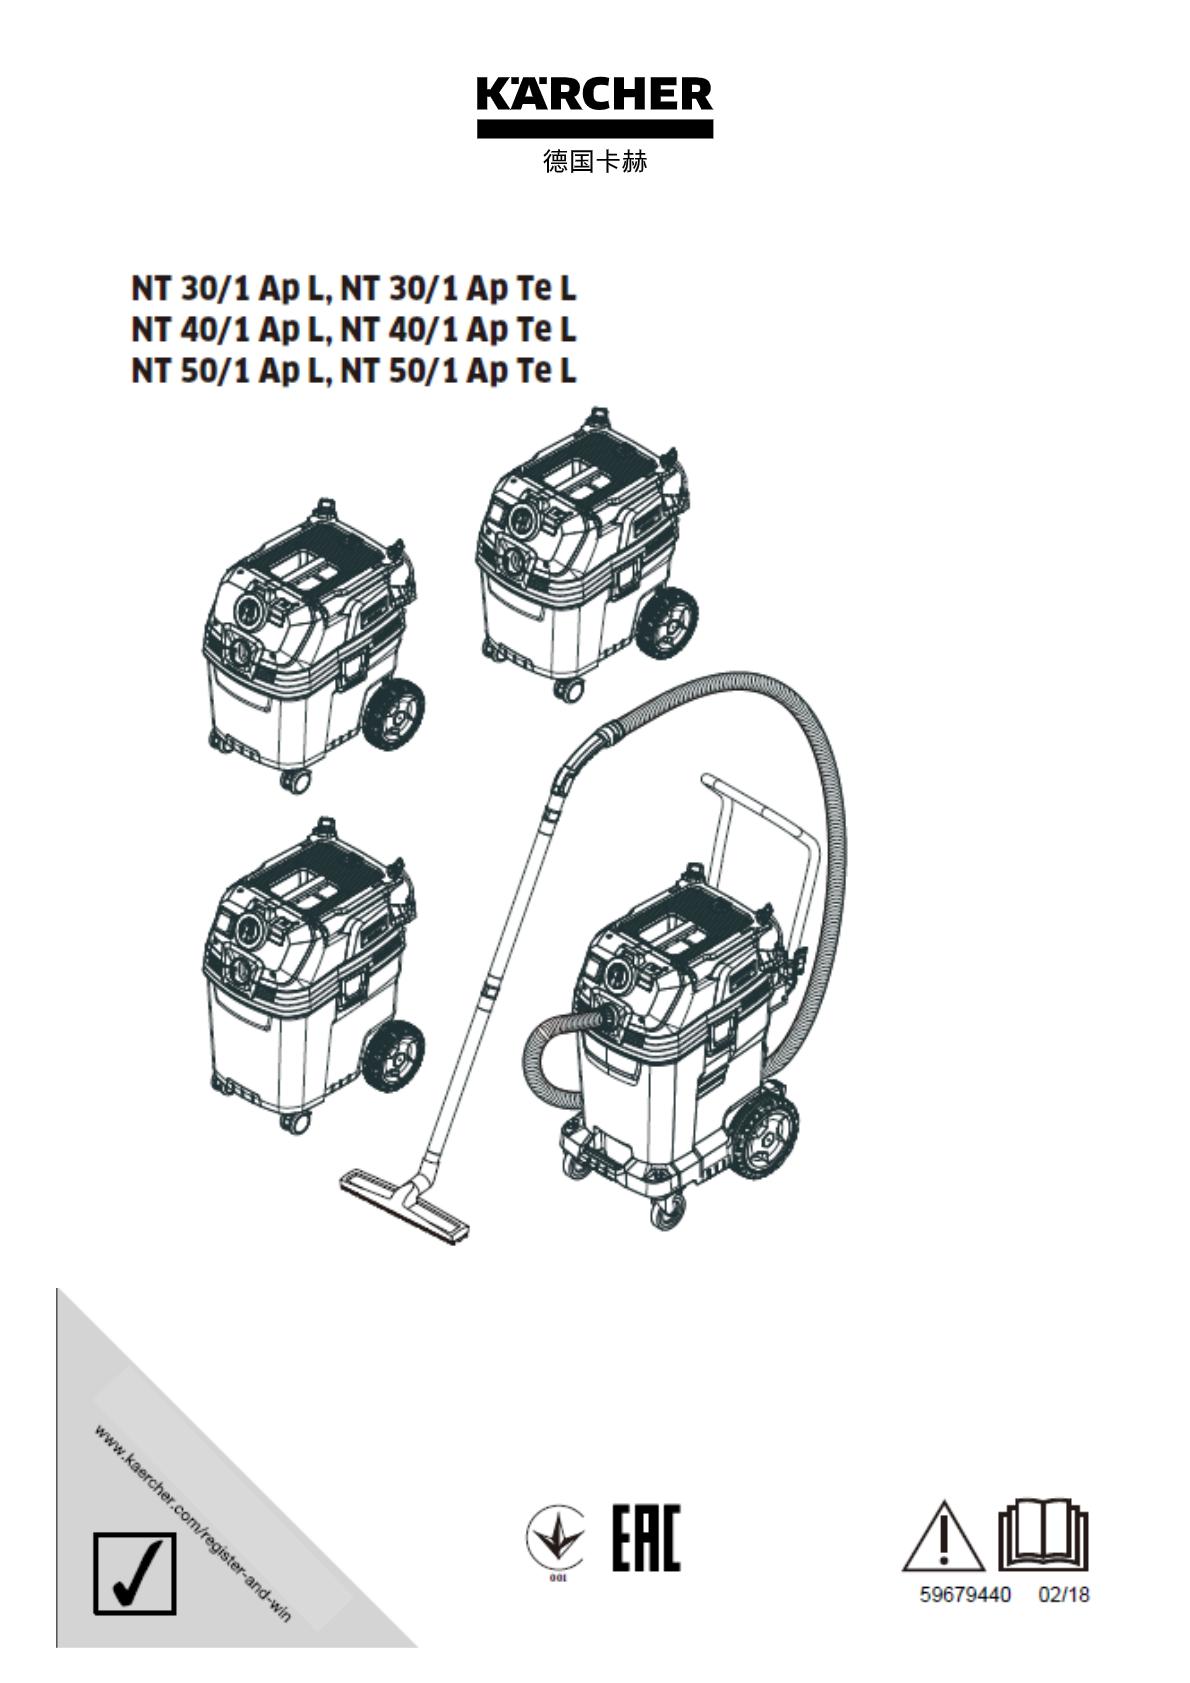 干湿两用吸尘器 NT 40/1 Ap L 说明书说明书下载